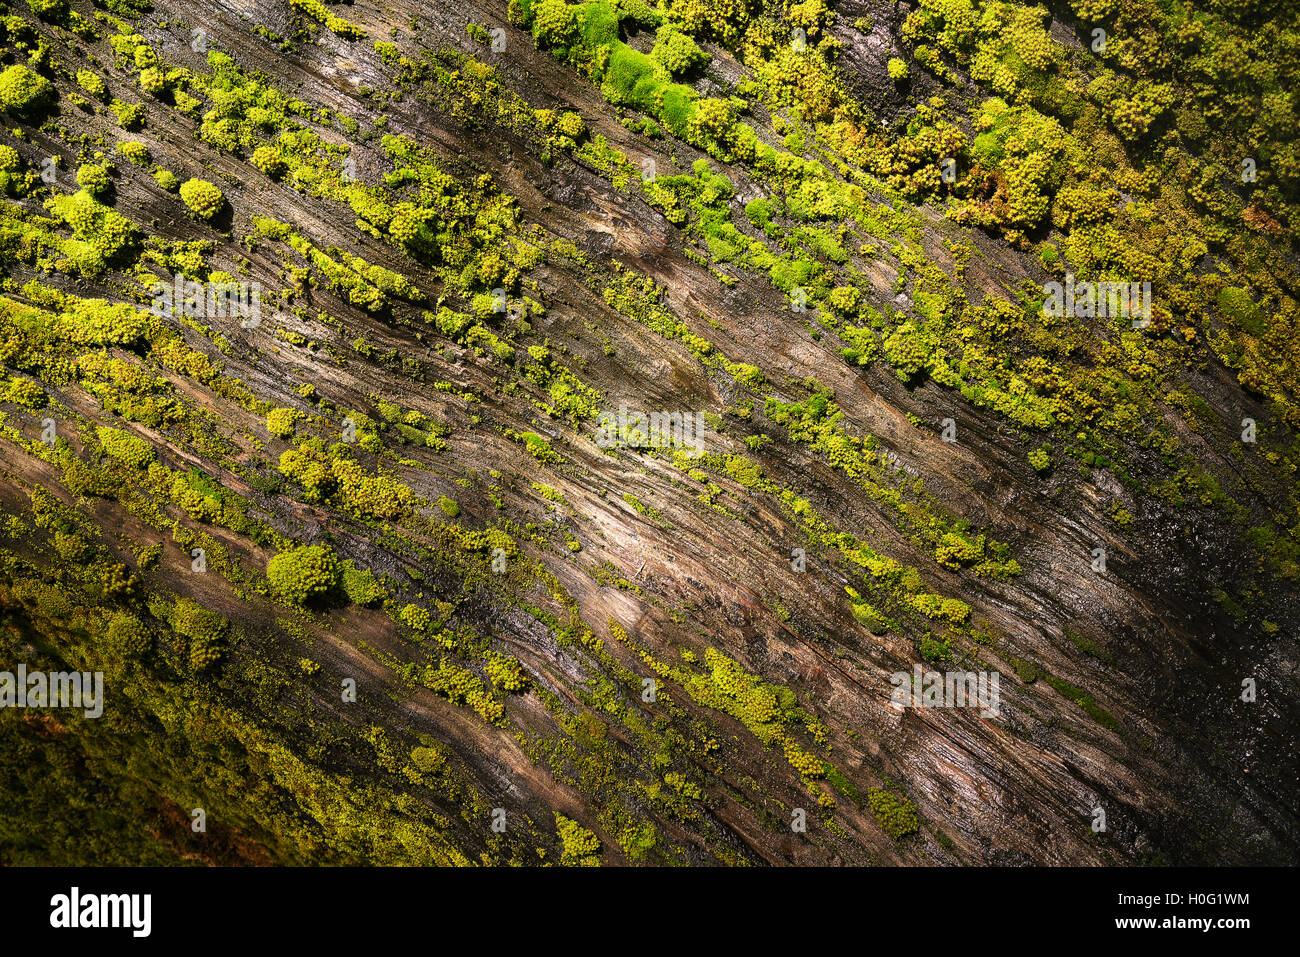 Árbol sequoia cubiertas de musgo en el Parque Nacional de las Secuoyas Foto de stock